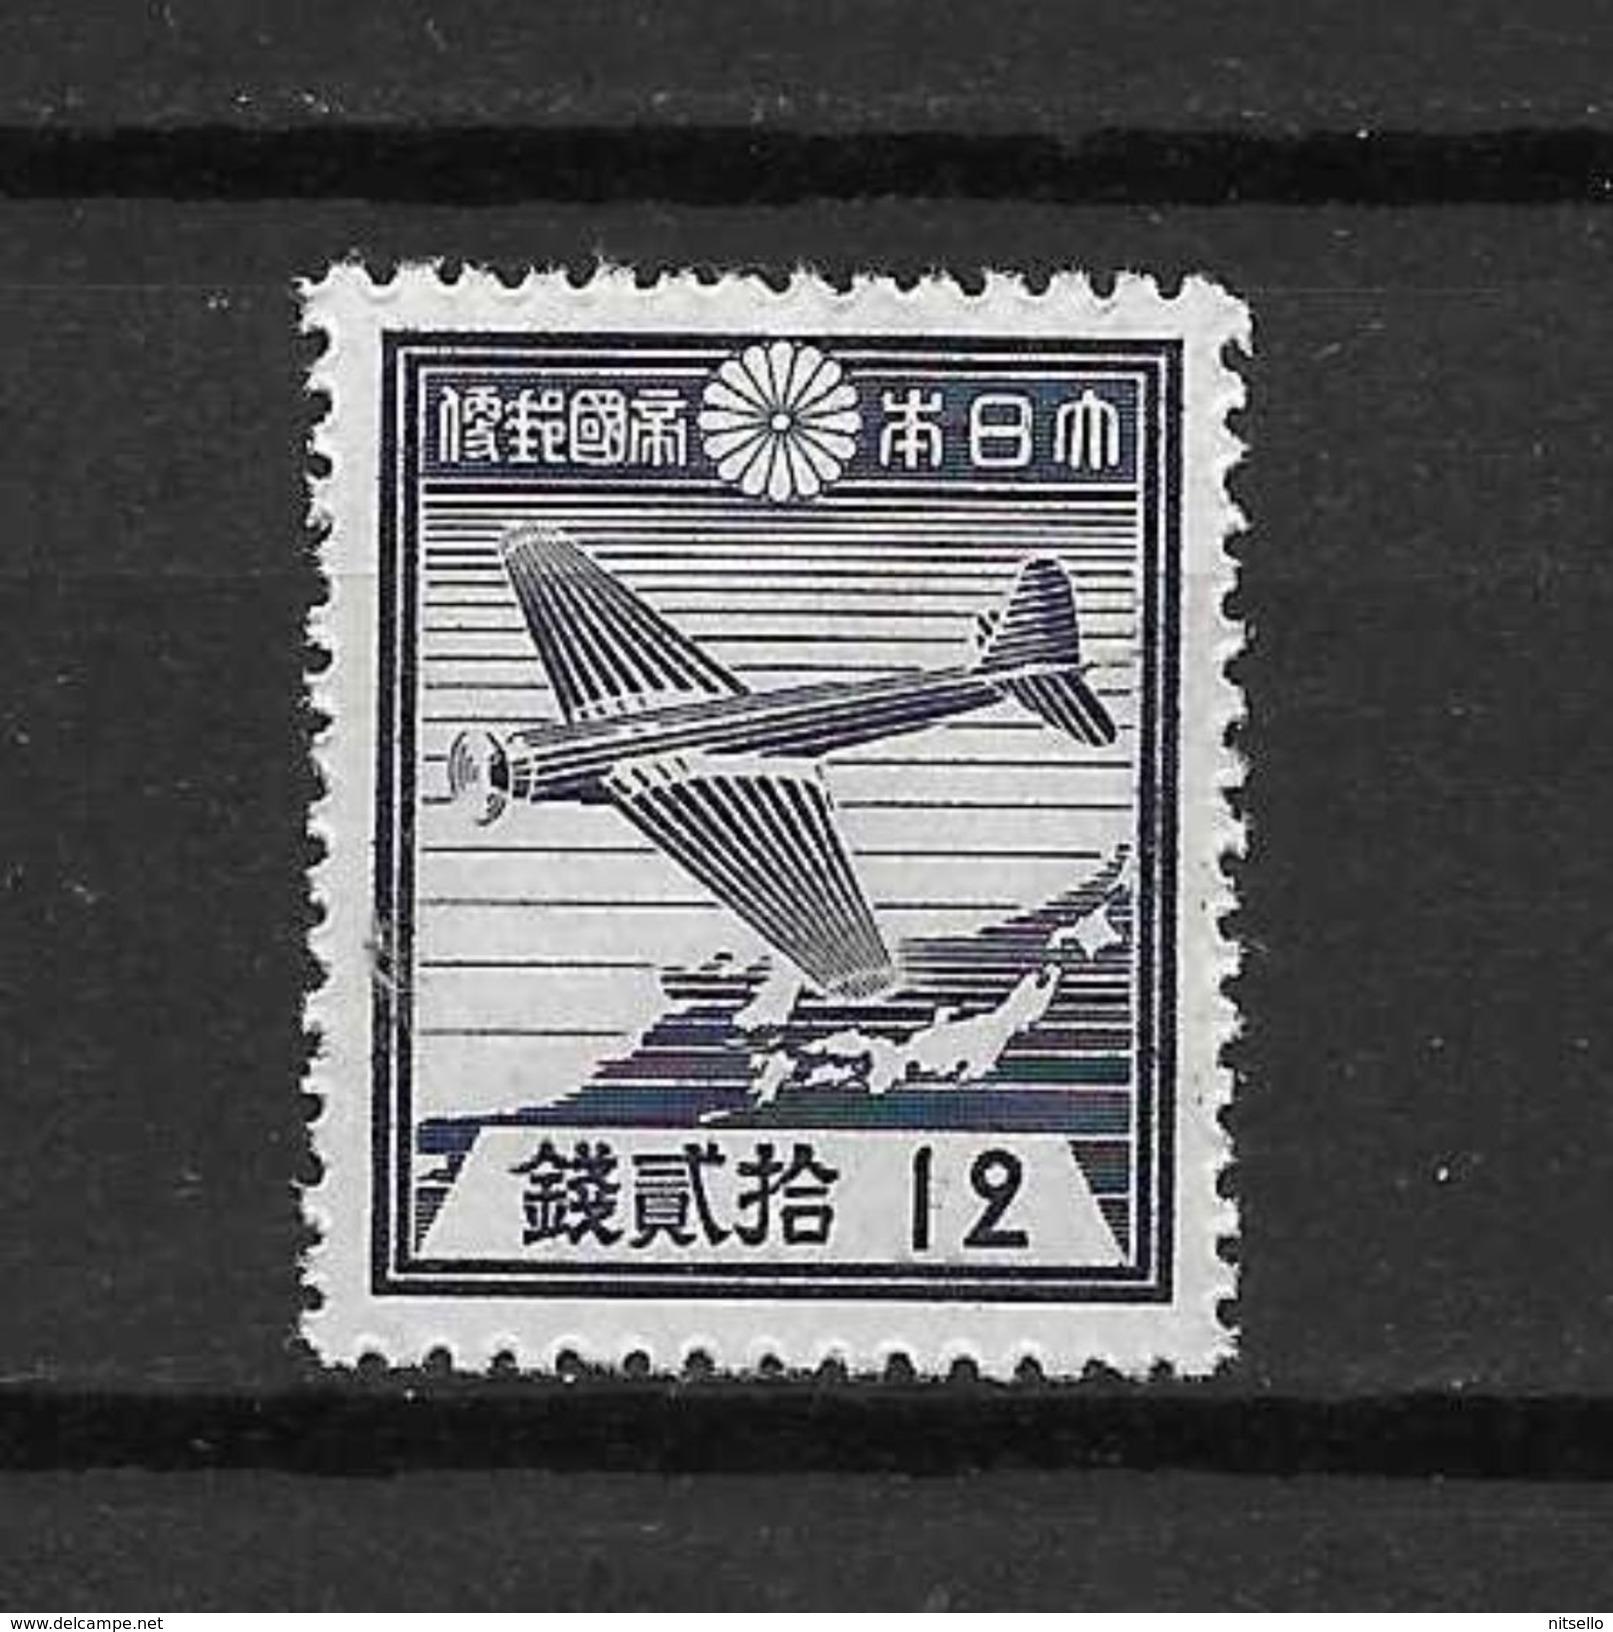 LOTE 1416  ///   JAPON **MNH - 1989-... Emperador Akihito (Era Heisei)